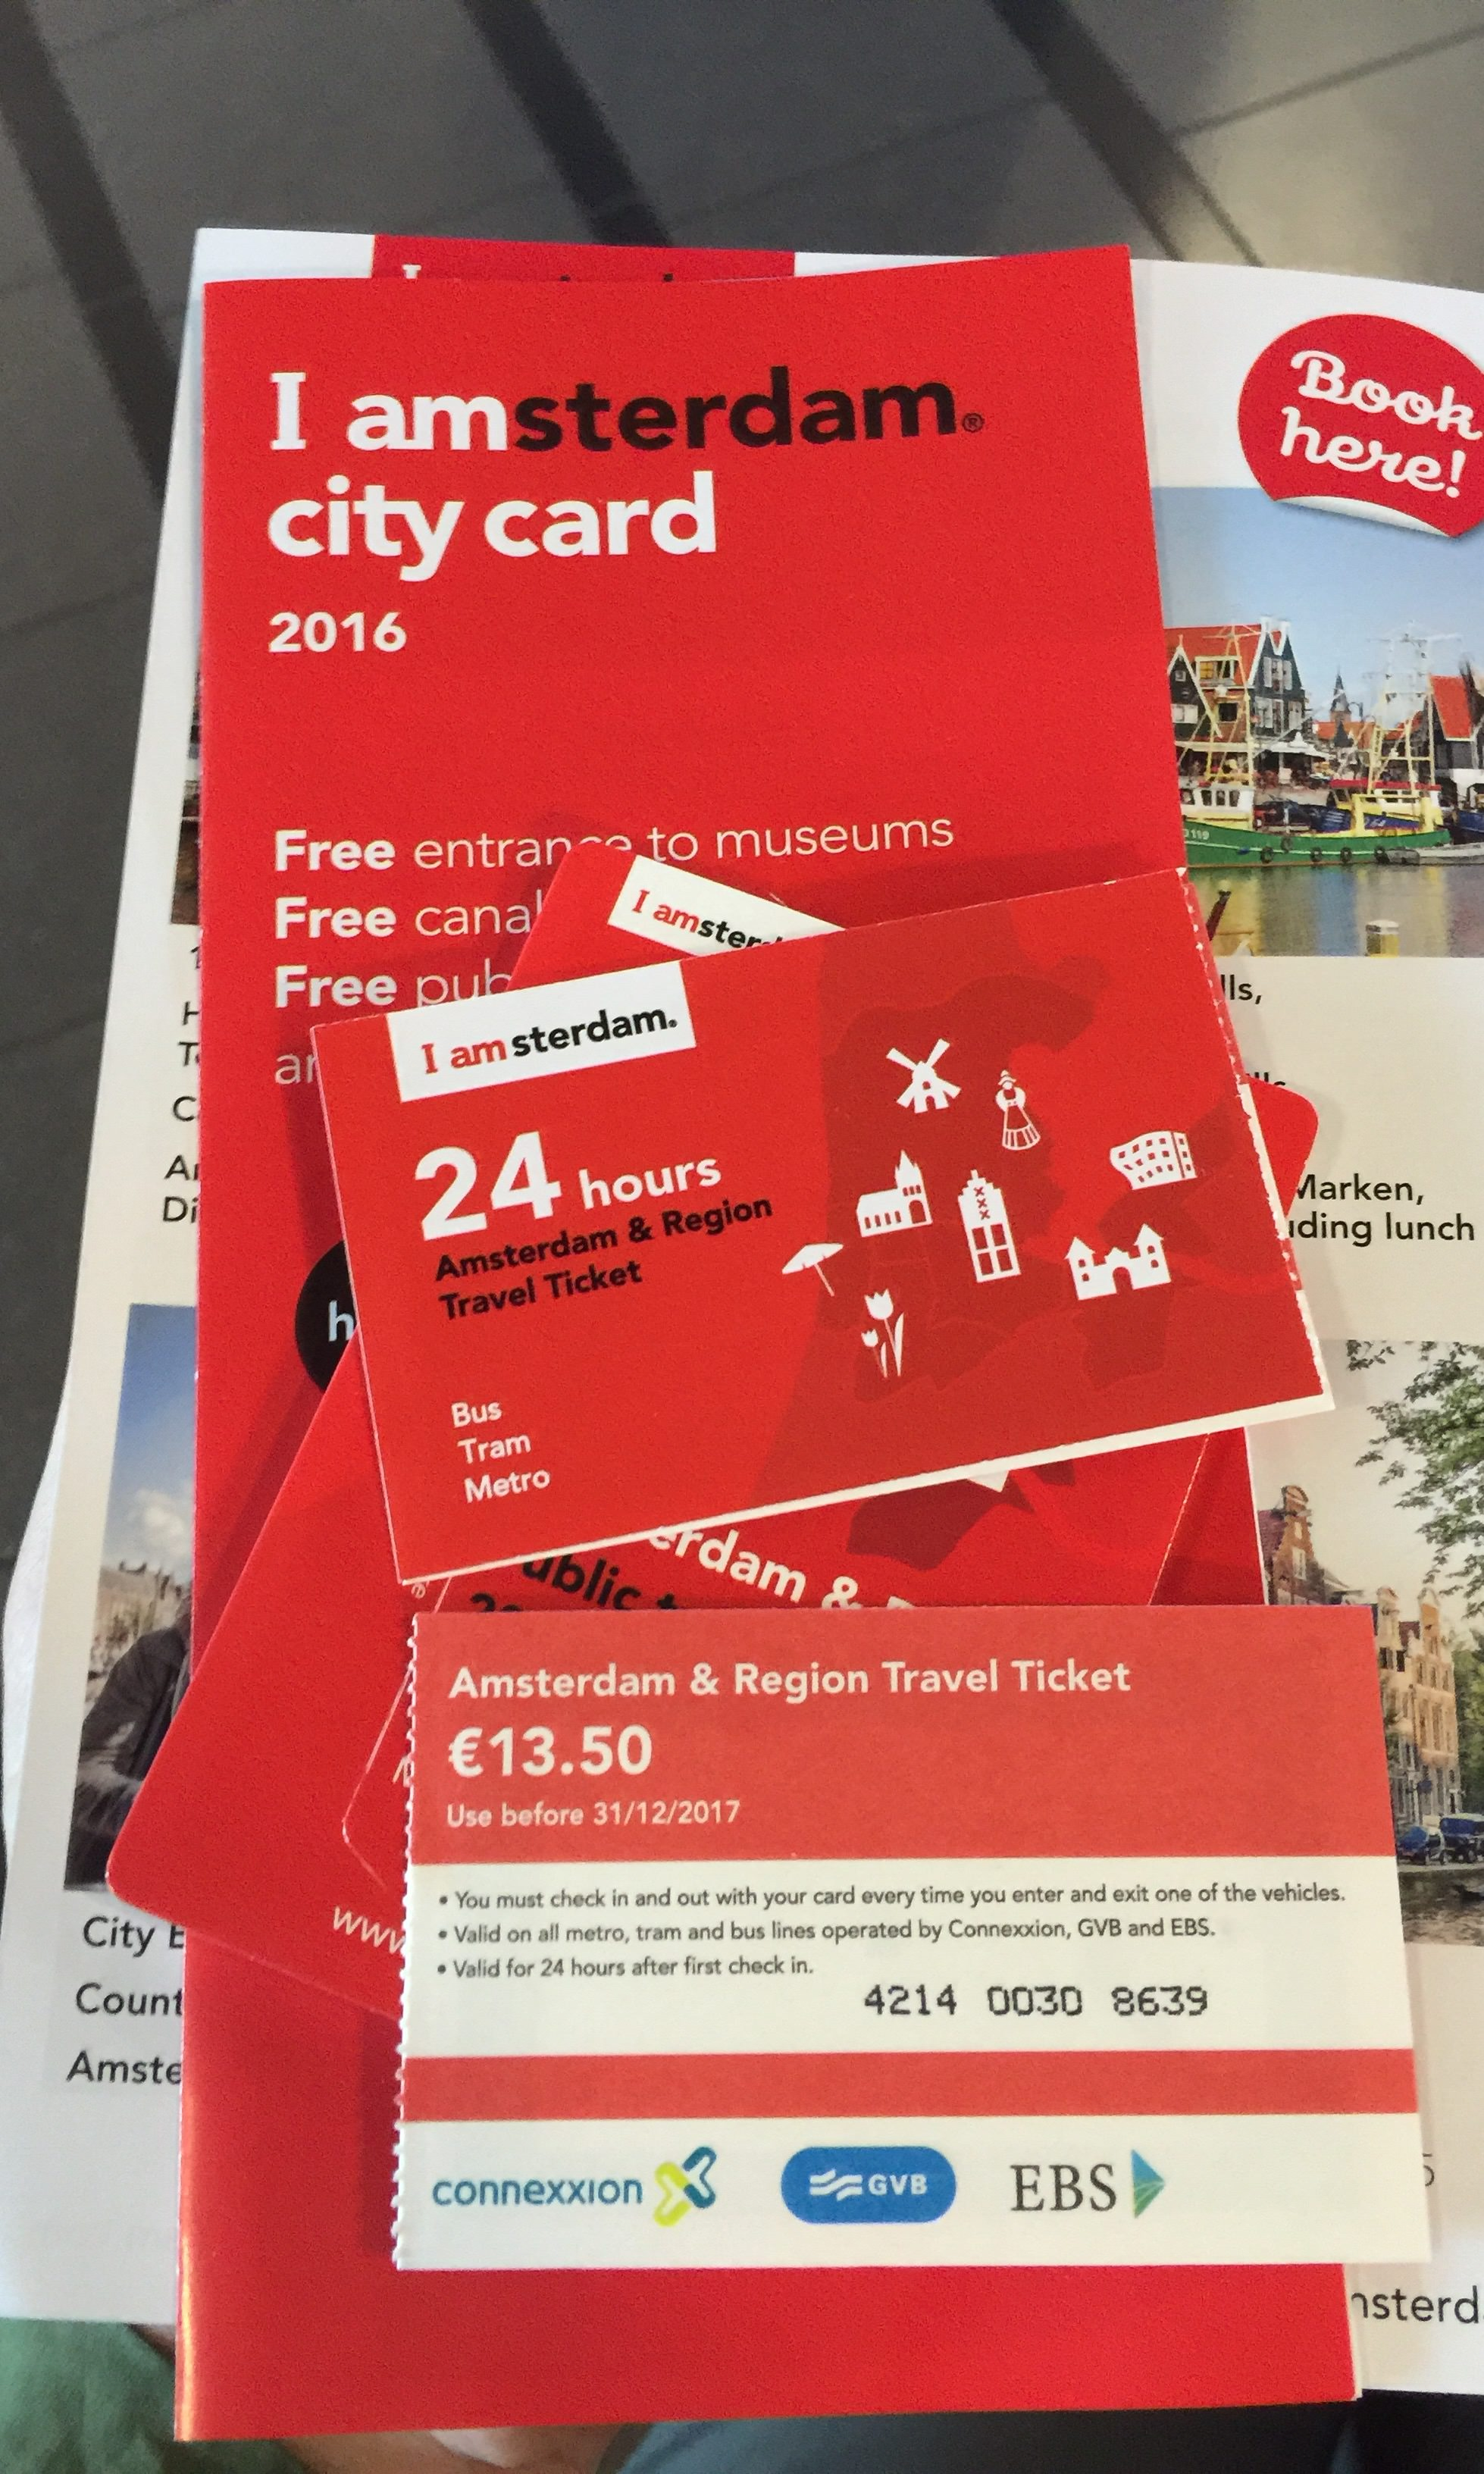 荷蘭 | 買 Amsterdam & Region Travel Ticket 玩阿姆斯特丹市區與近郊